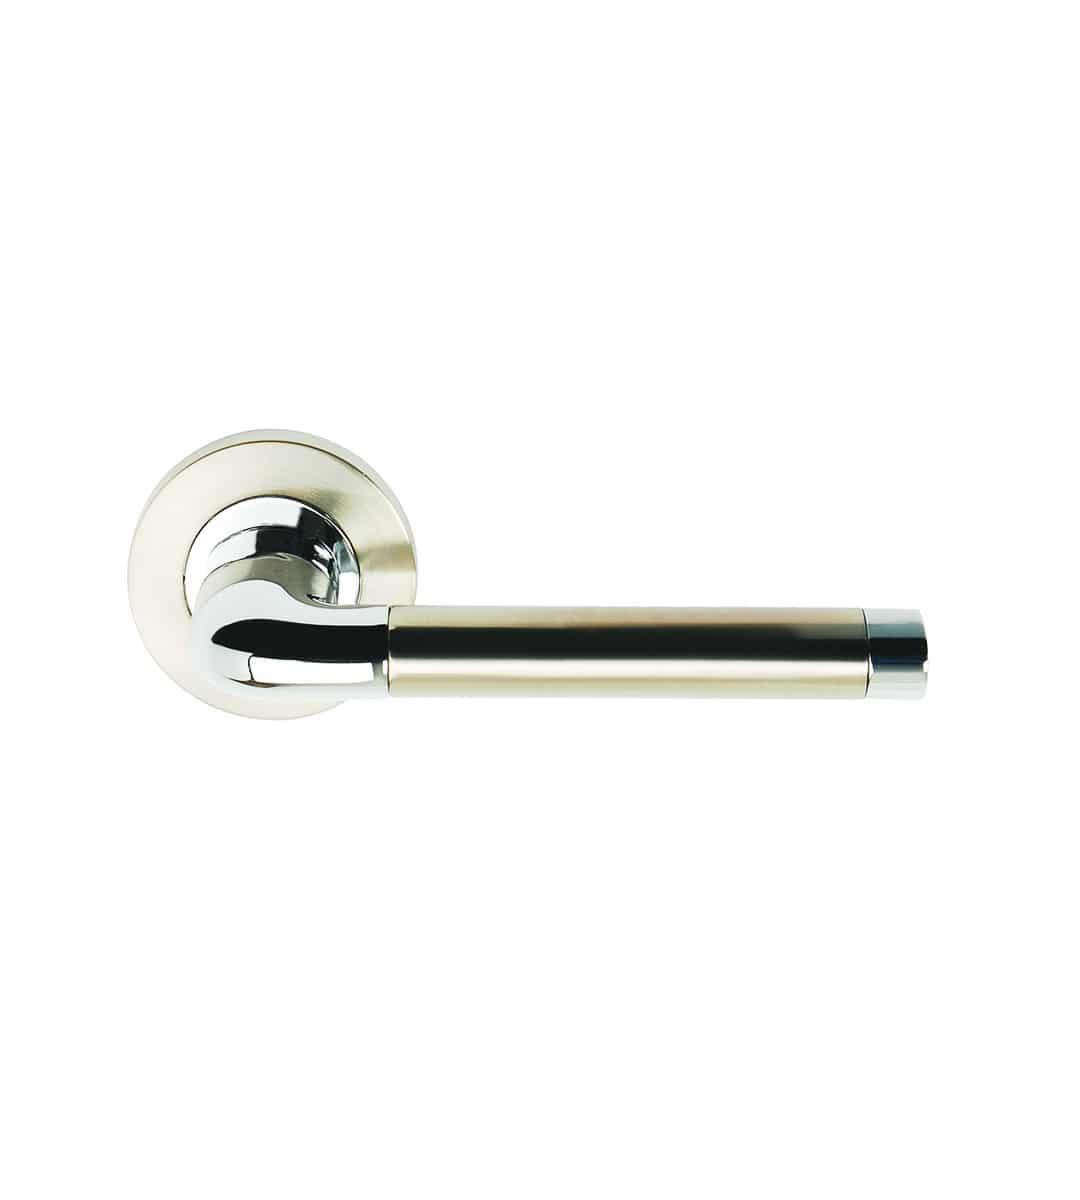 Argo Satin Nickel Polished Chrome Door Handle